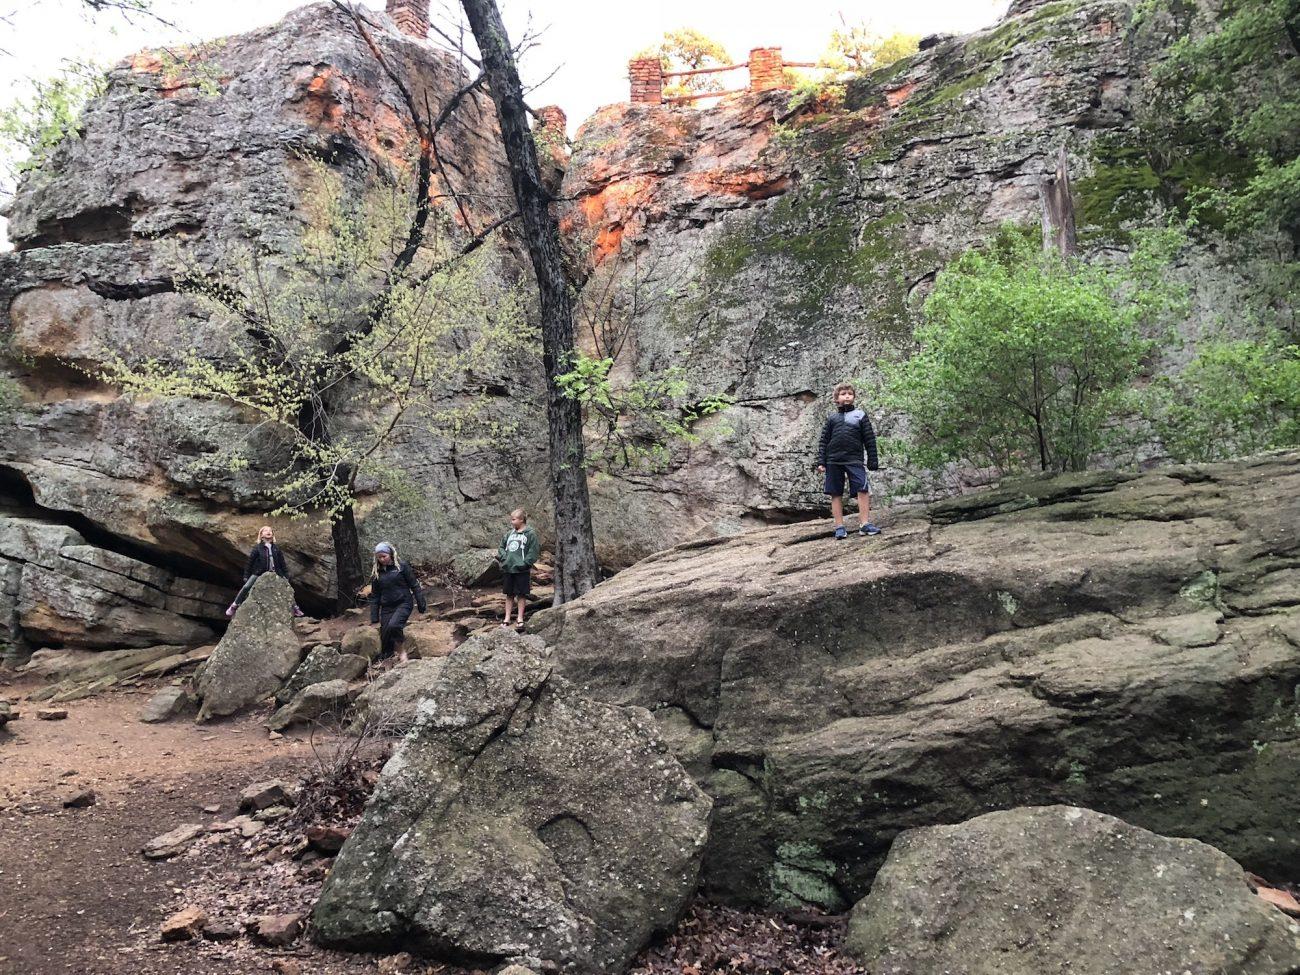 Kids at at rock climbing area at Lake Mineral Wells